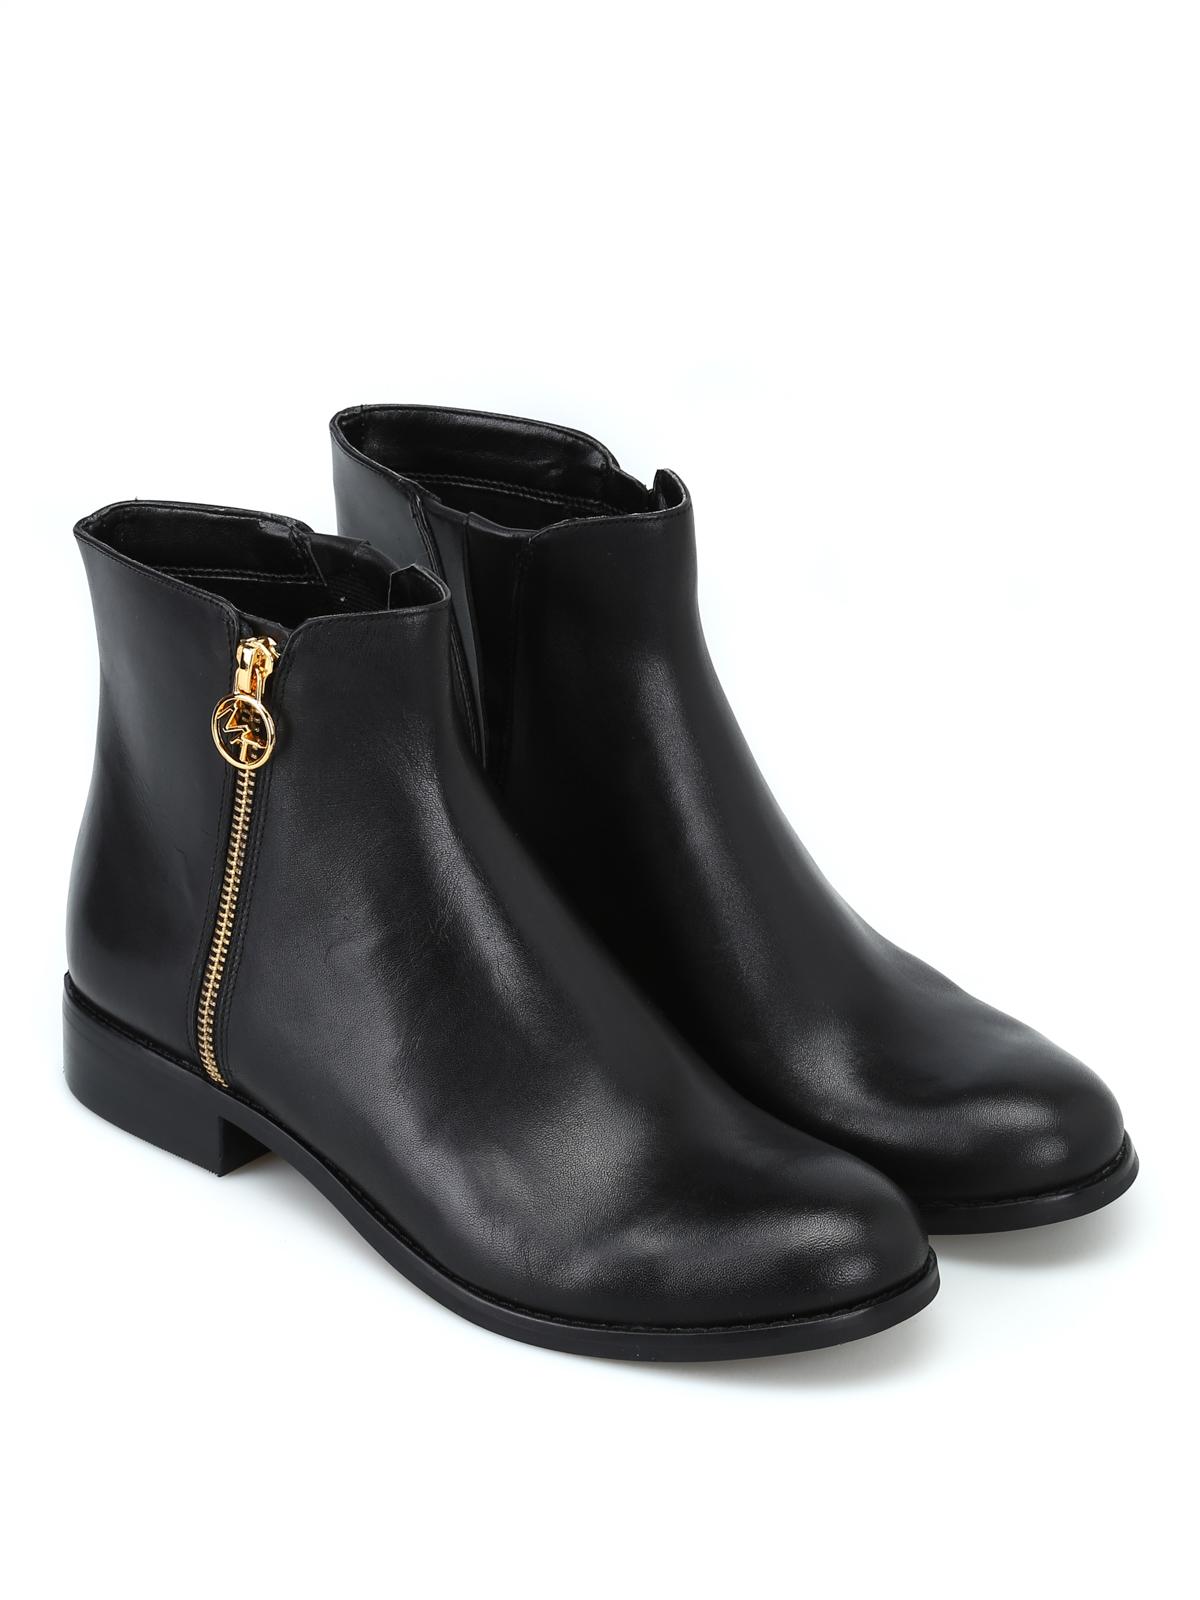 Michael Kors - Jaycie flat booties